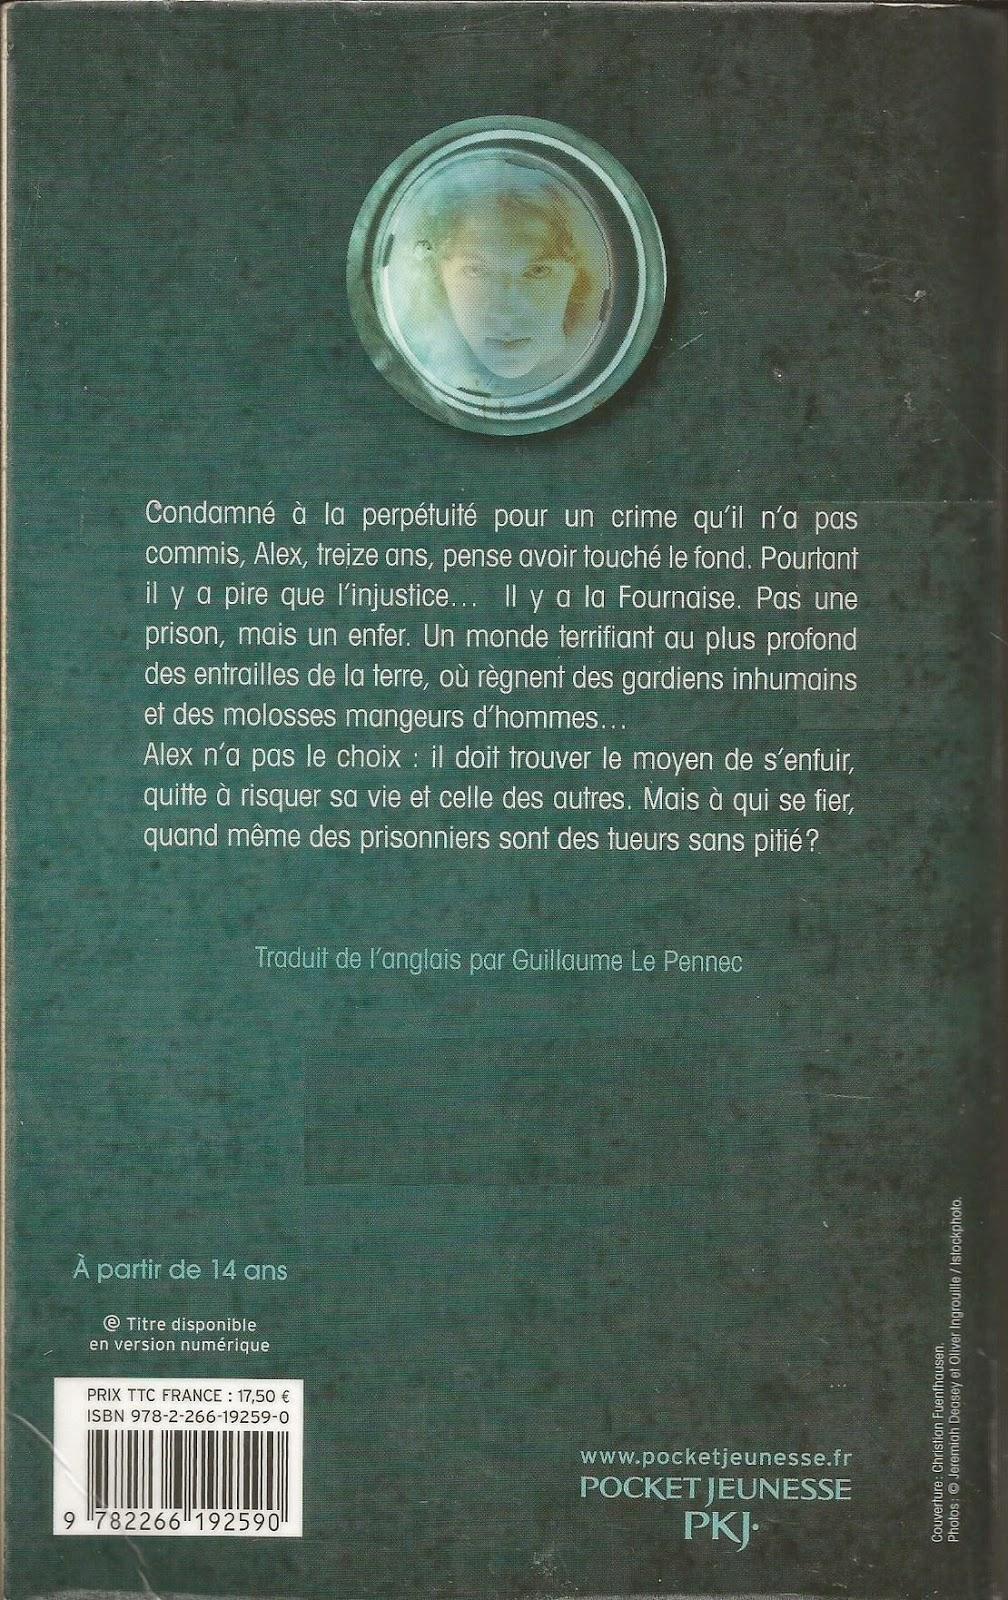 La Fournaise Alexander Gordon Smith back cover quatrième de couverture